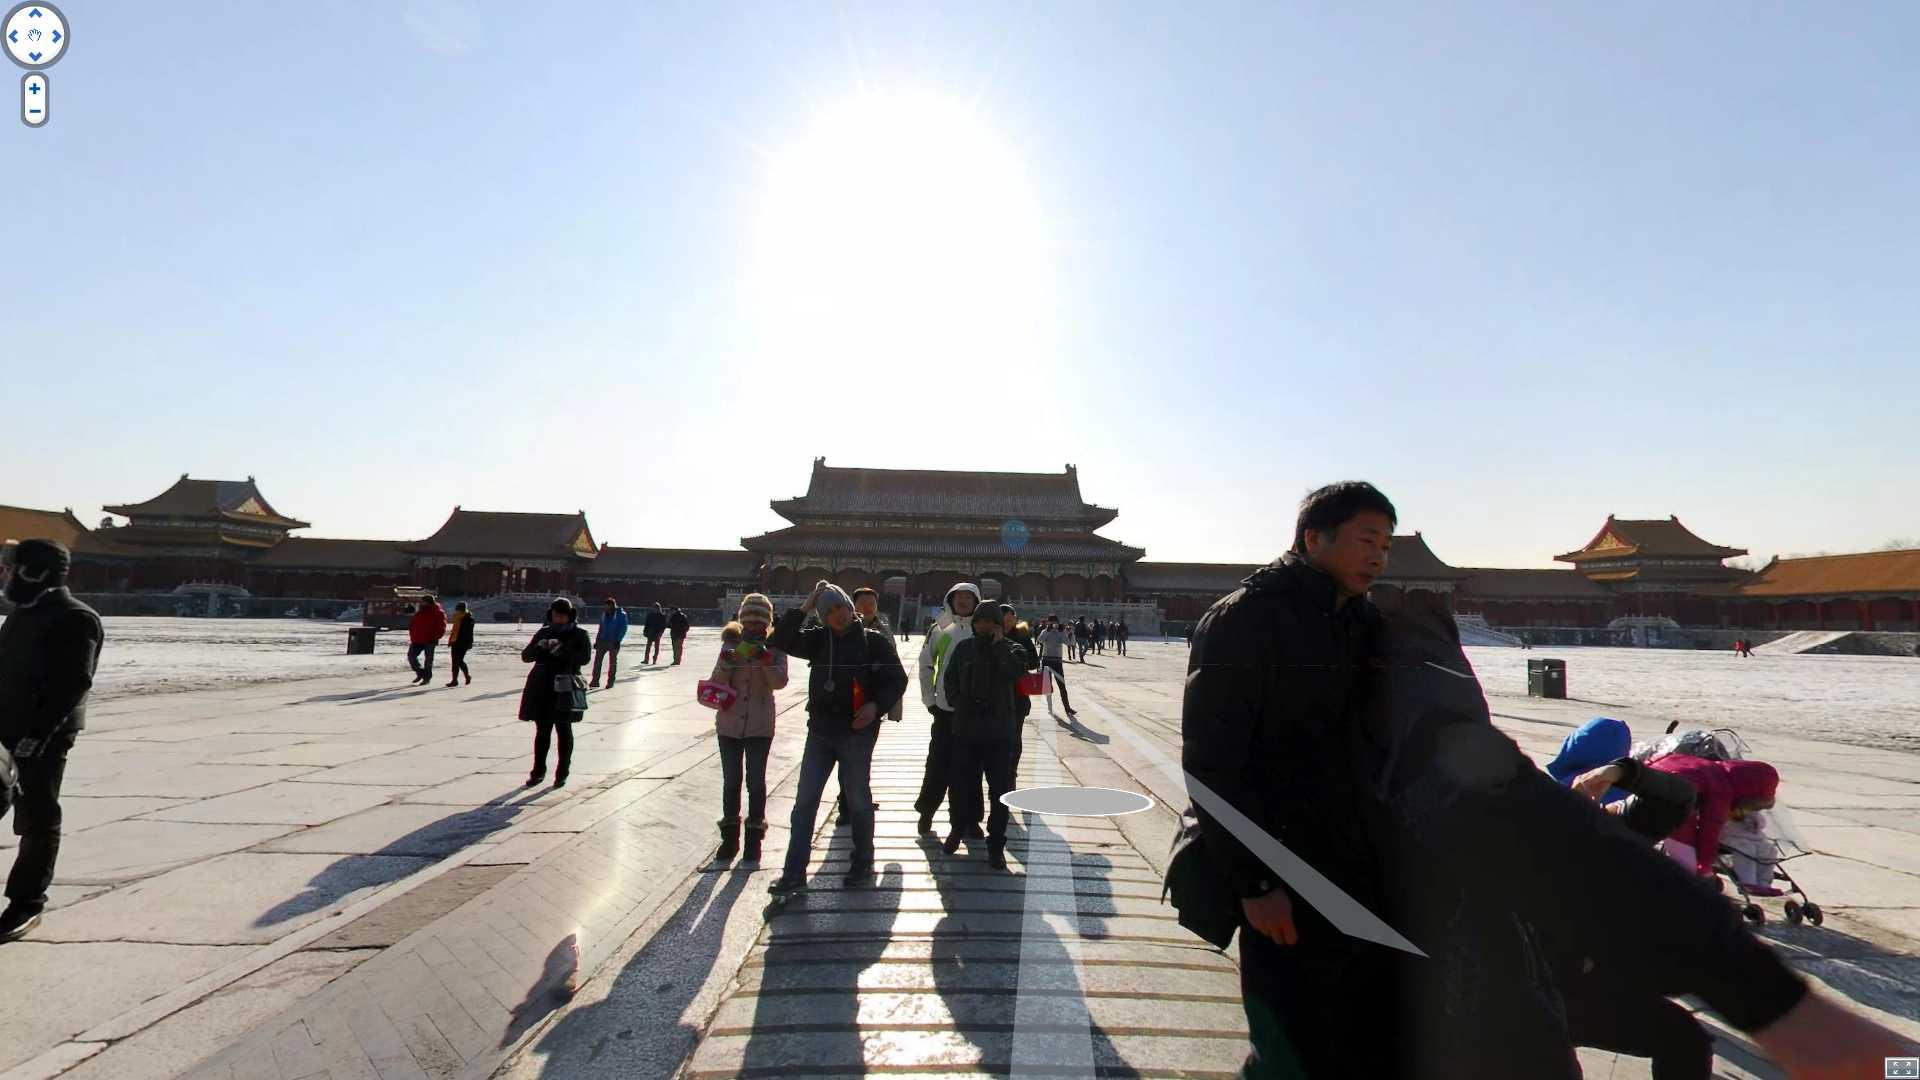 Street view en Chine ? 2013-030